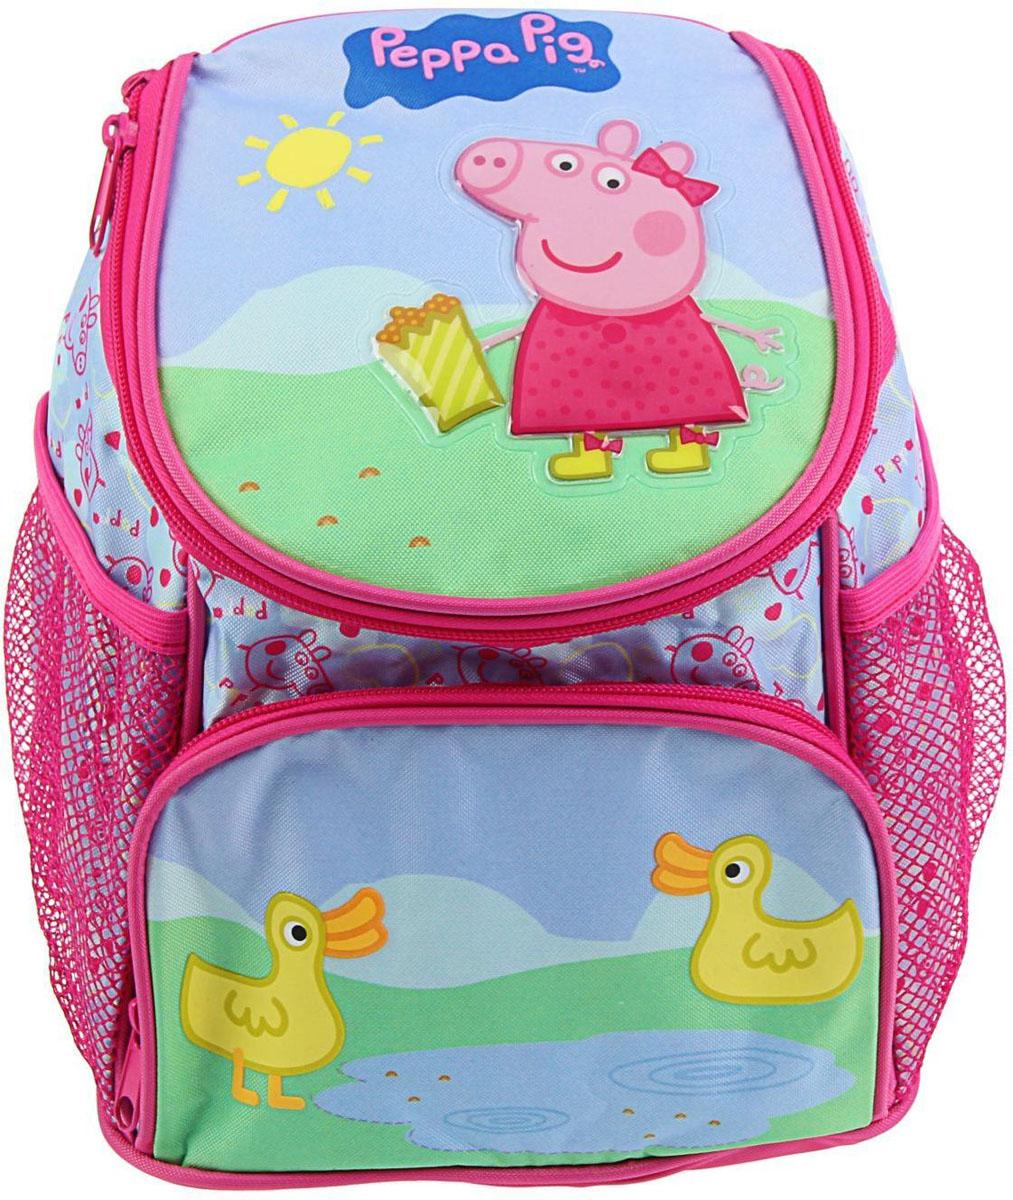 Peppa Pig Рюкзак детский УткаMI16-FLS-08Яркий, пёстрый и невероятно милый Рюкзачок детский Свинка Пеппа. Утка сиреневый 23*19*8 см позволит вашему чаду почувствовать себя самостоятельным, приучит его к аккуратности и дисциплине.Такой изысканный текстильный мини-рюкзак девочки могут использовать как косметичку, складывая туда детскую помаду и блёстки. А парни с удовольствием положат туда несколько любимых машинок и футбольный мяч или, позабыв обо всём, будут бегать с друзьями во дворе, поместив сумку себе за спину.Рюкзачок детский Свинка Пеппа. Утка сиреневый 23*19*8 см — прекрасный подарок ребёнку на день рождения или стимул начать подготовку к новому учебному году. Осчастливьте своё дитя красивой и надёжной вещью, и его радостная улыбка будет для вас заслуженной наградой!